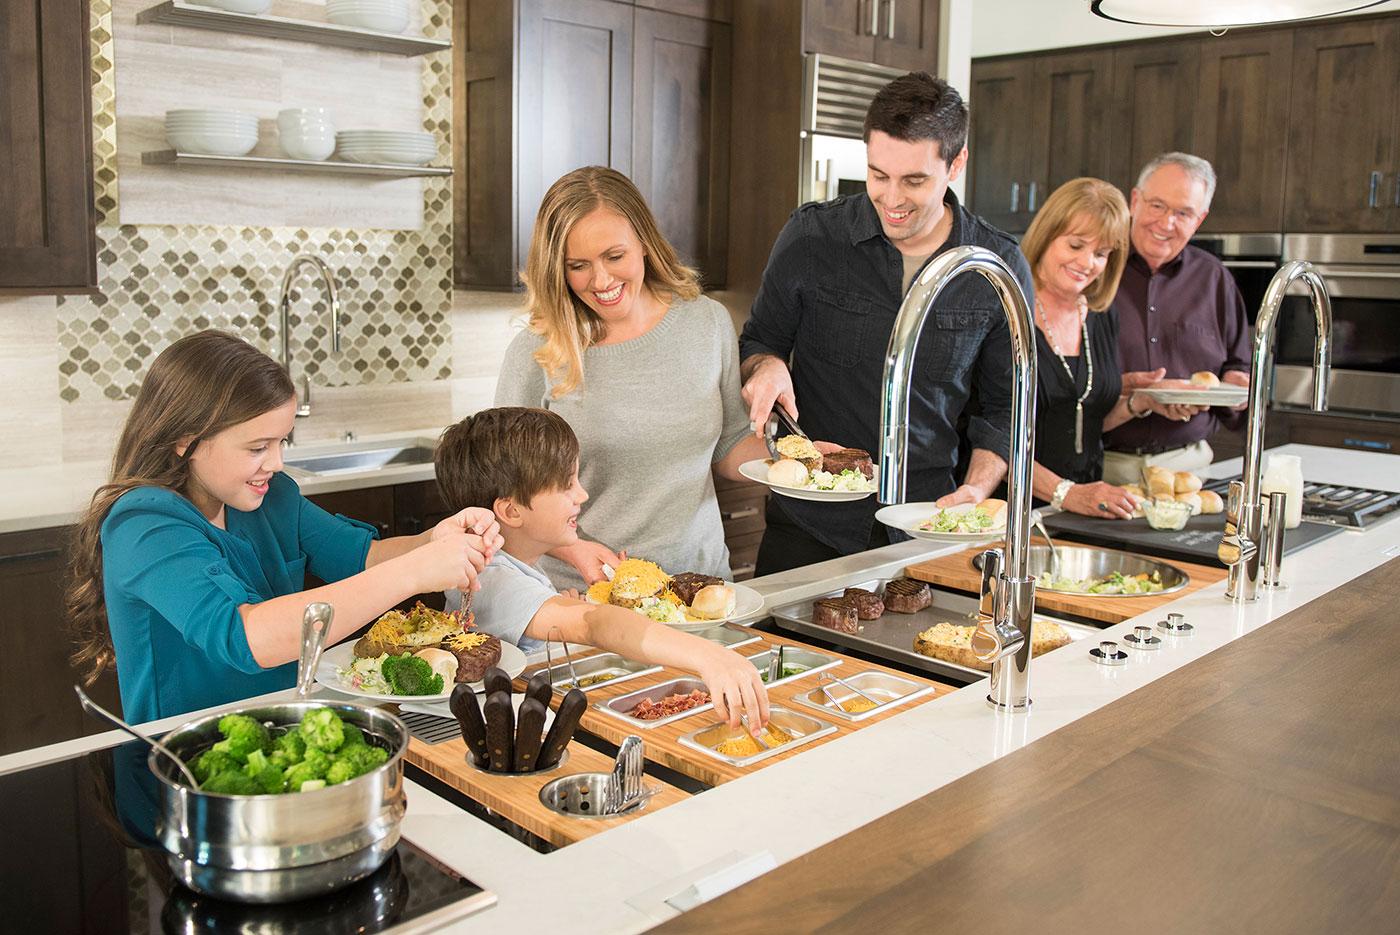 Prep, Serve, Cook & Clean Kitchen Workspace by Clarke